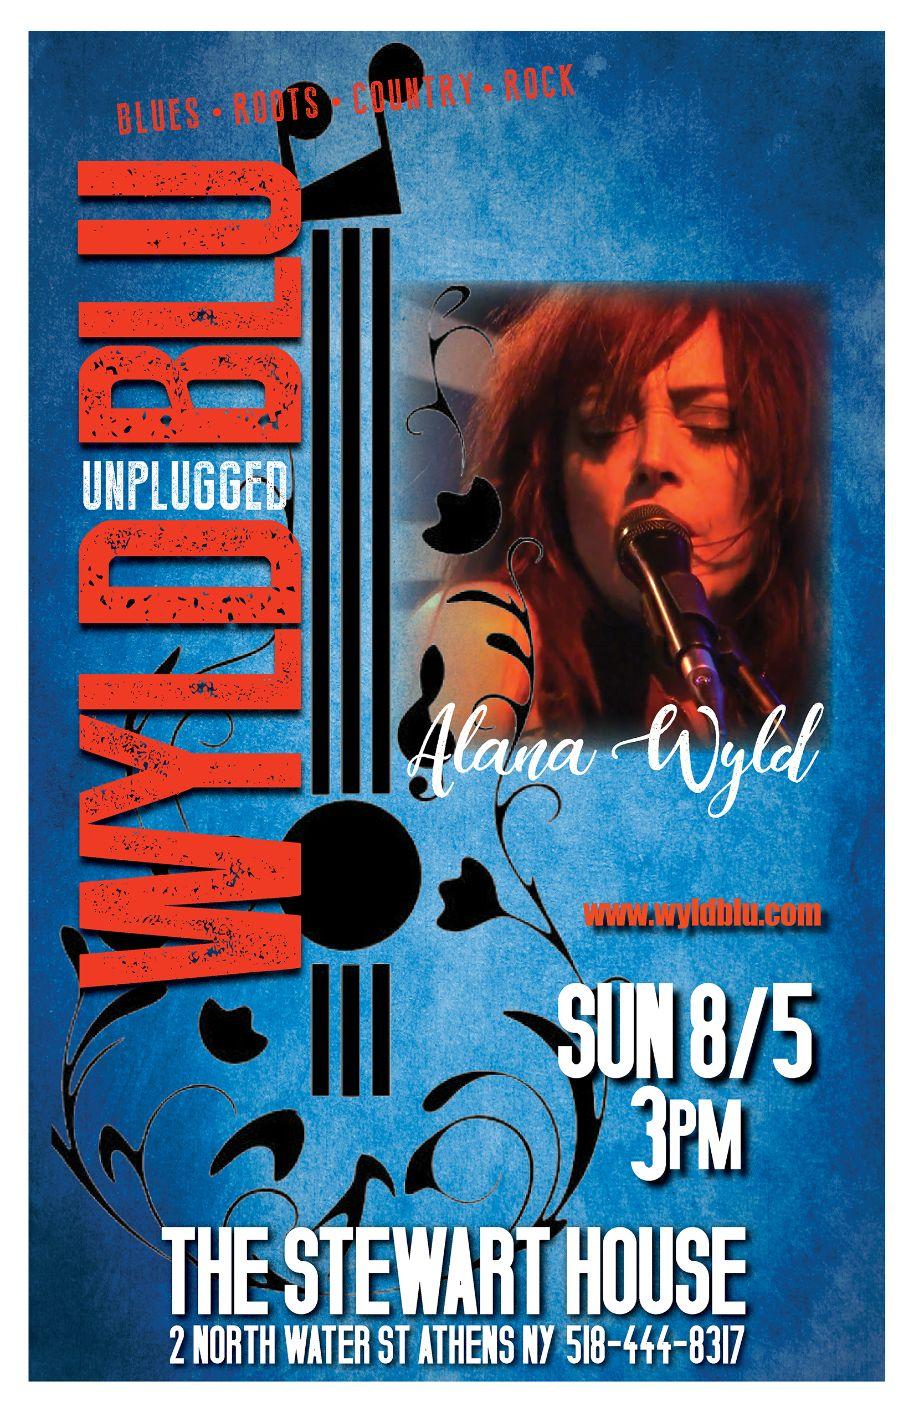 08-05-18 WYLD UNPLUGGED.jpg